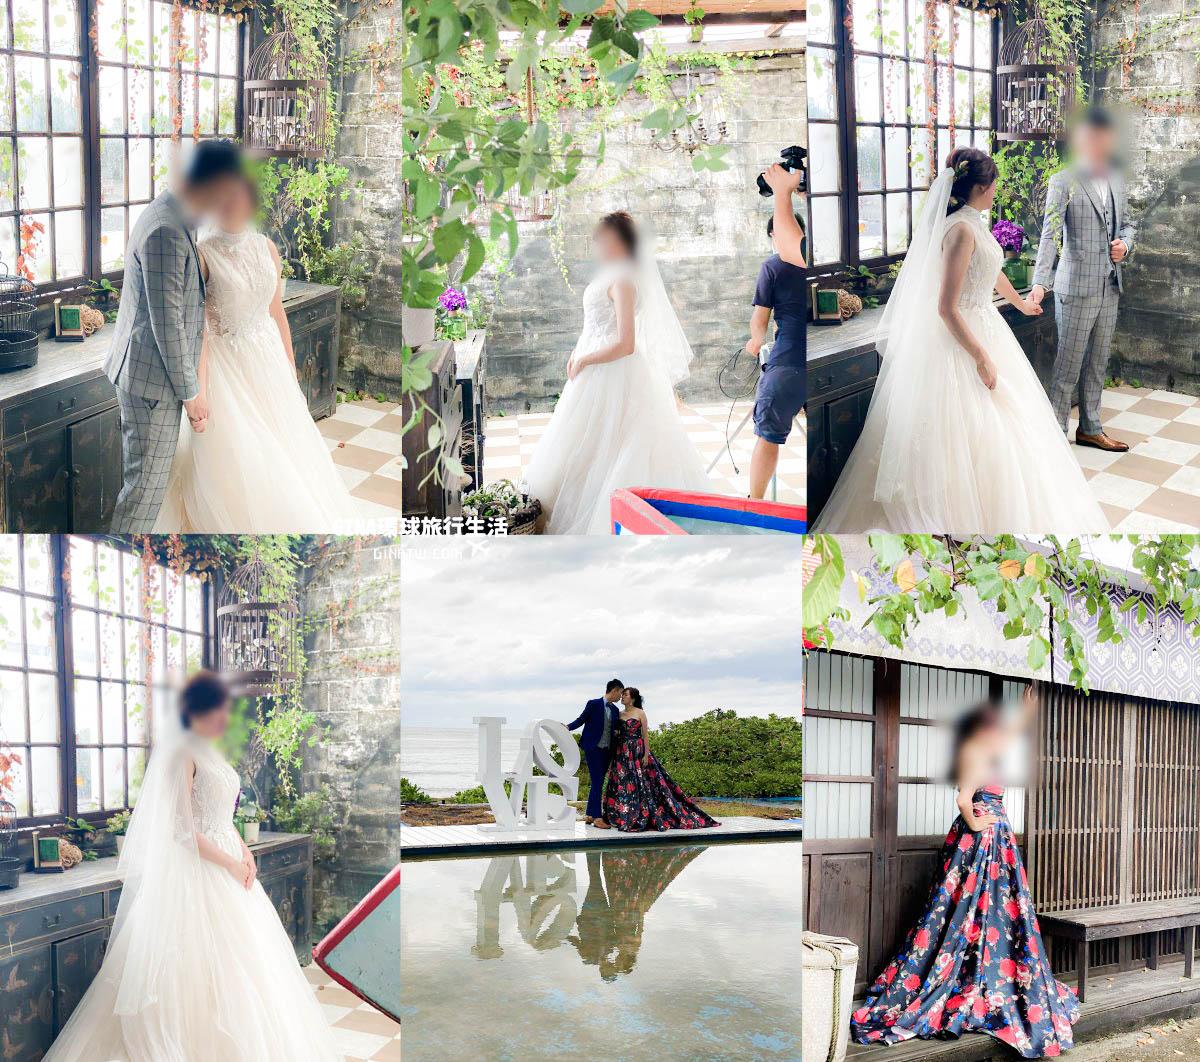 【台灣拍婚紗】台北拍婚紗場地|婚紗攝影基地-淡水莊園(內外景)| 林安泰古厝民俗文物館 @GINA環球旅行生活